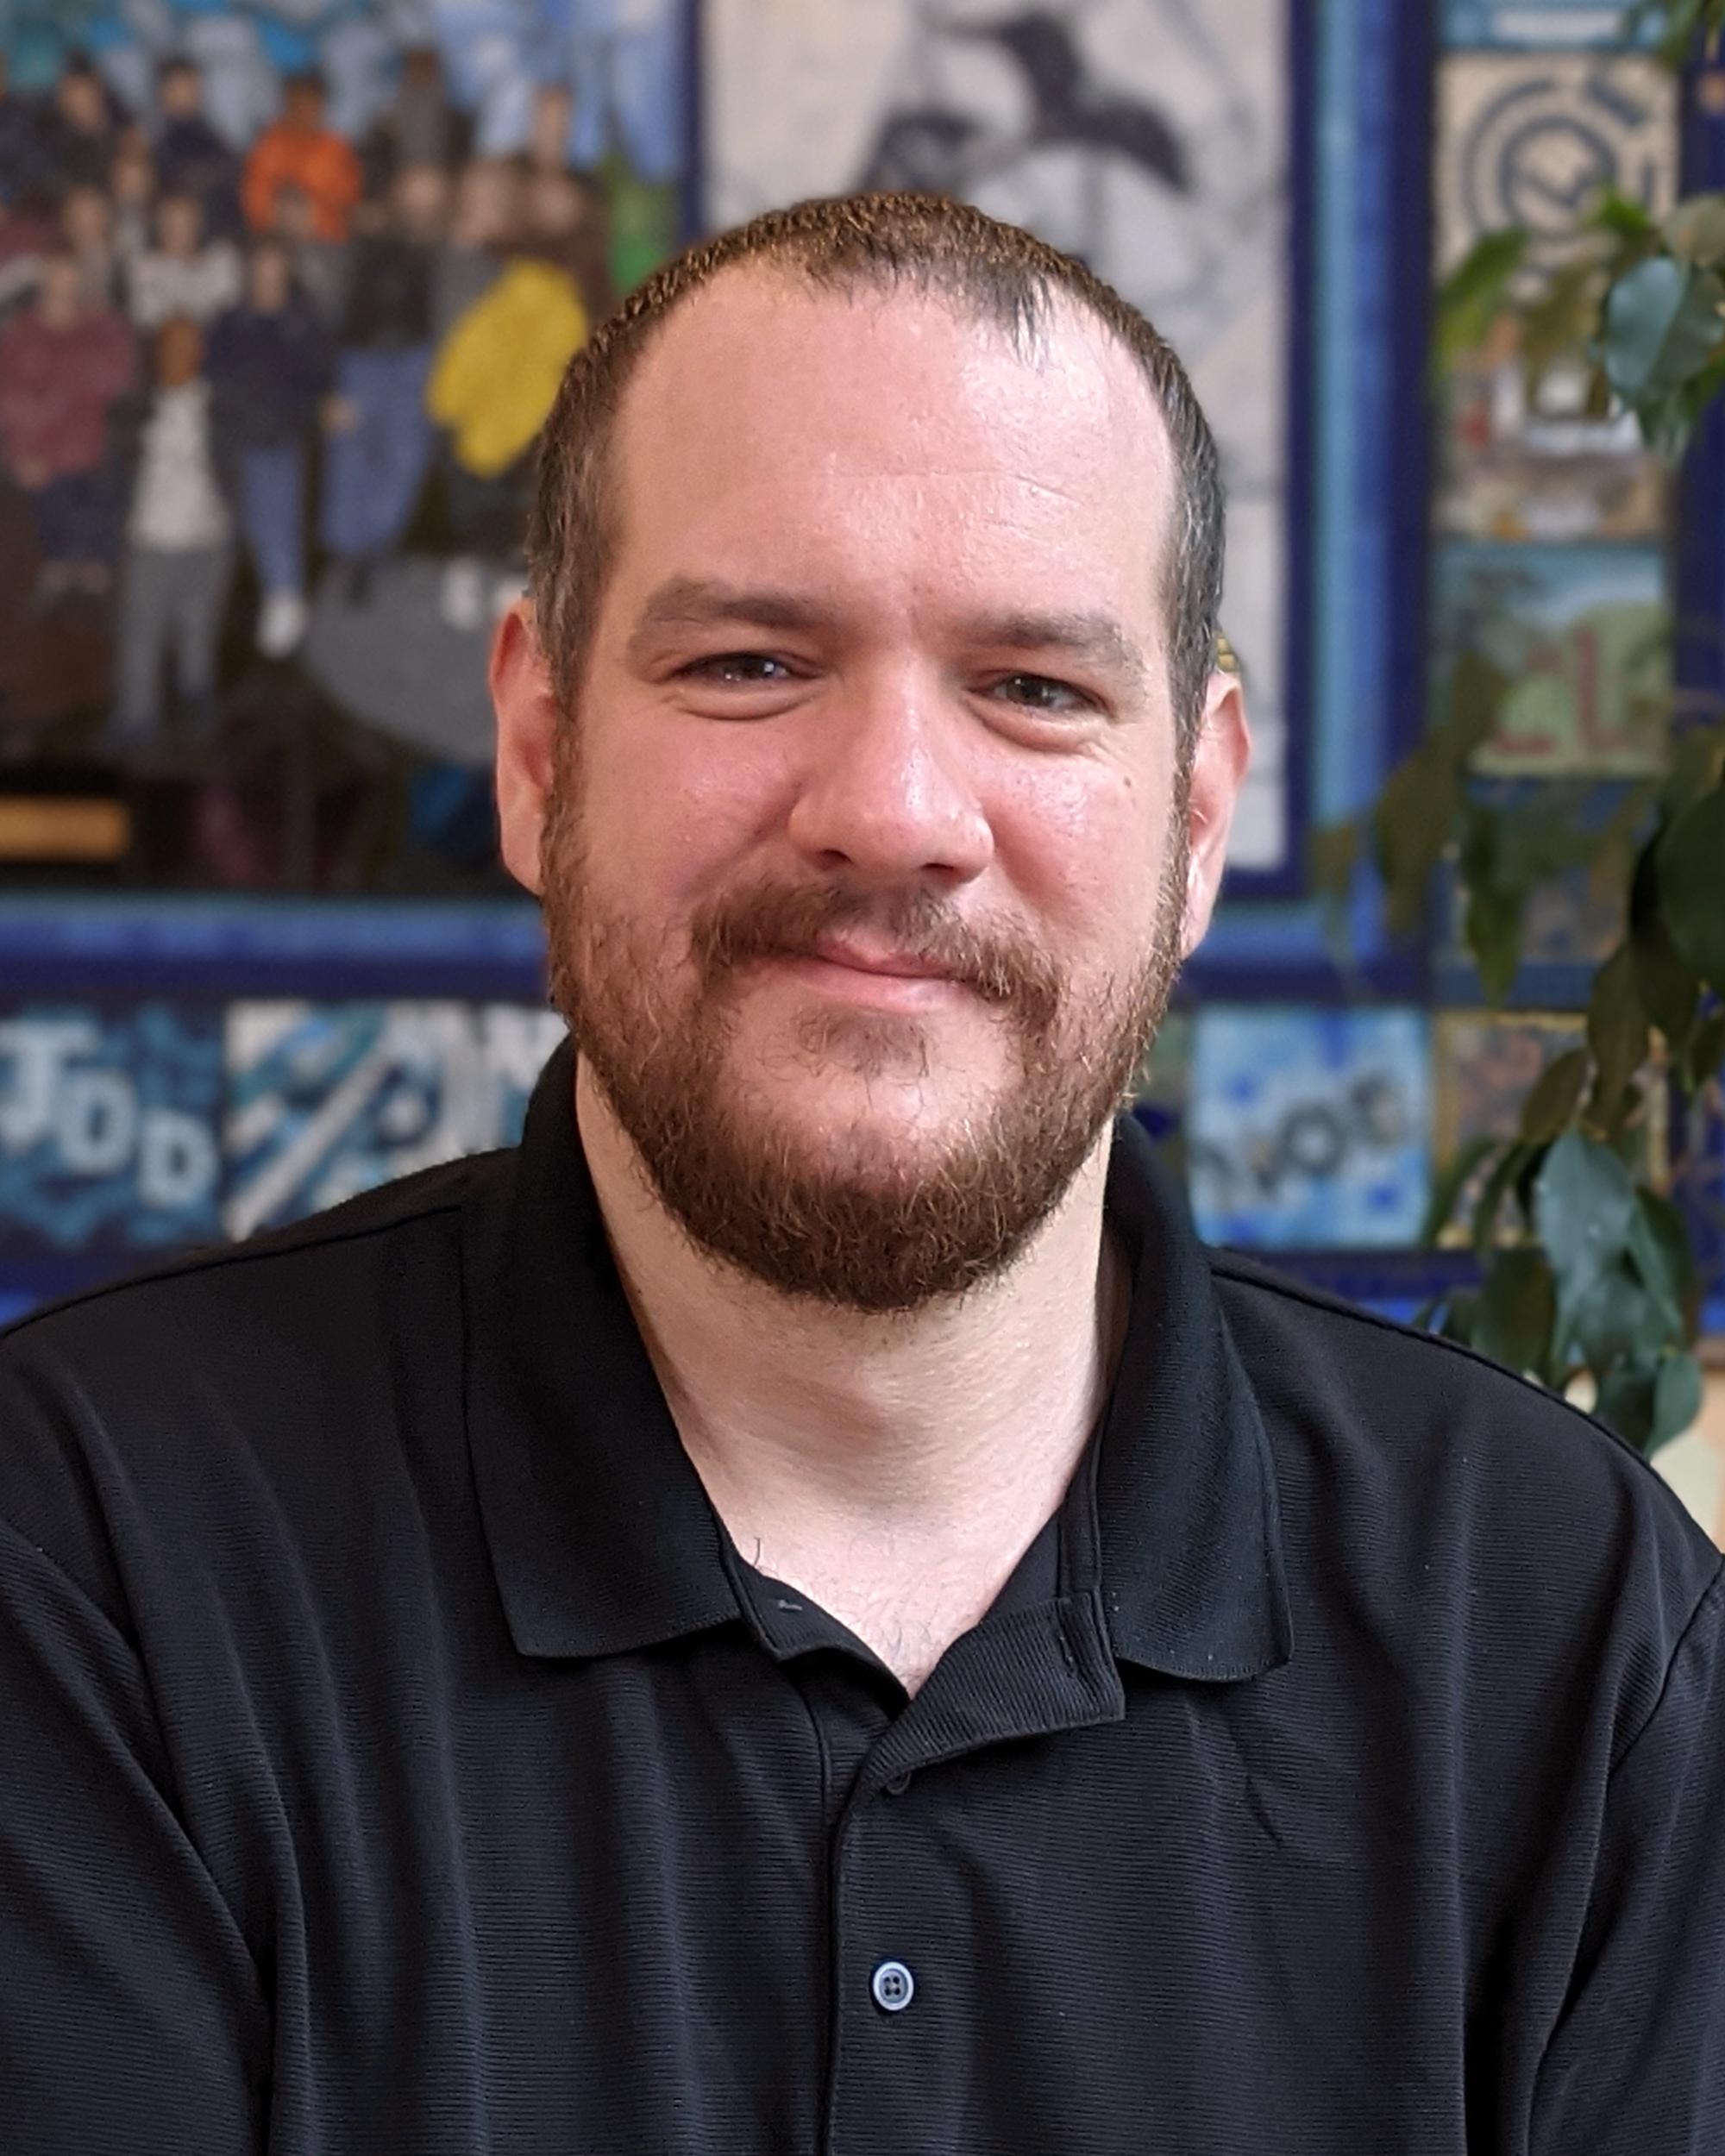 Brandon Canzoneri